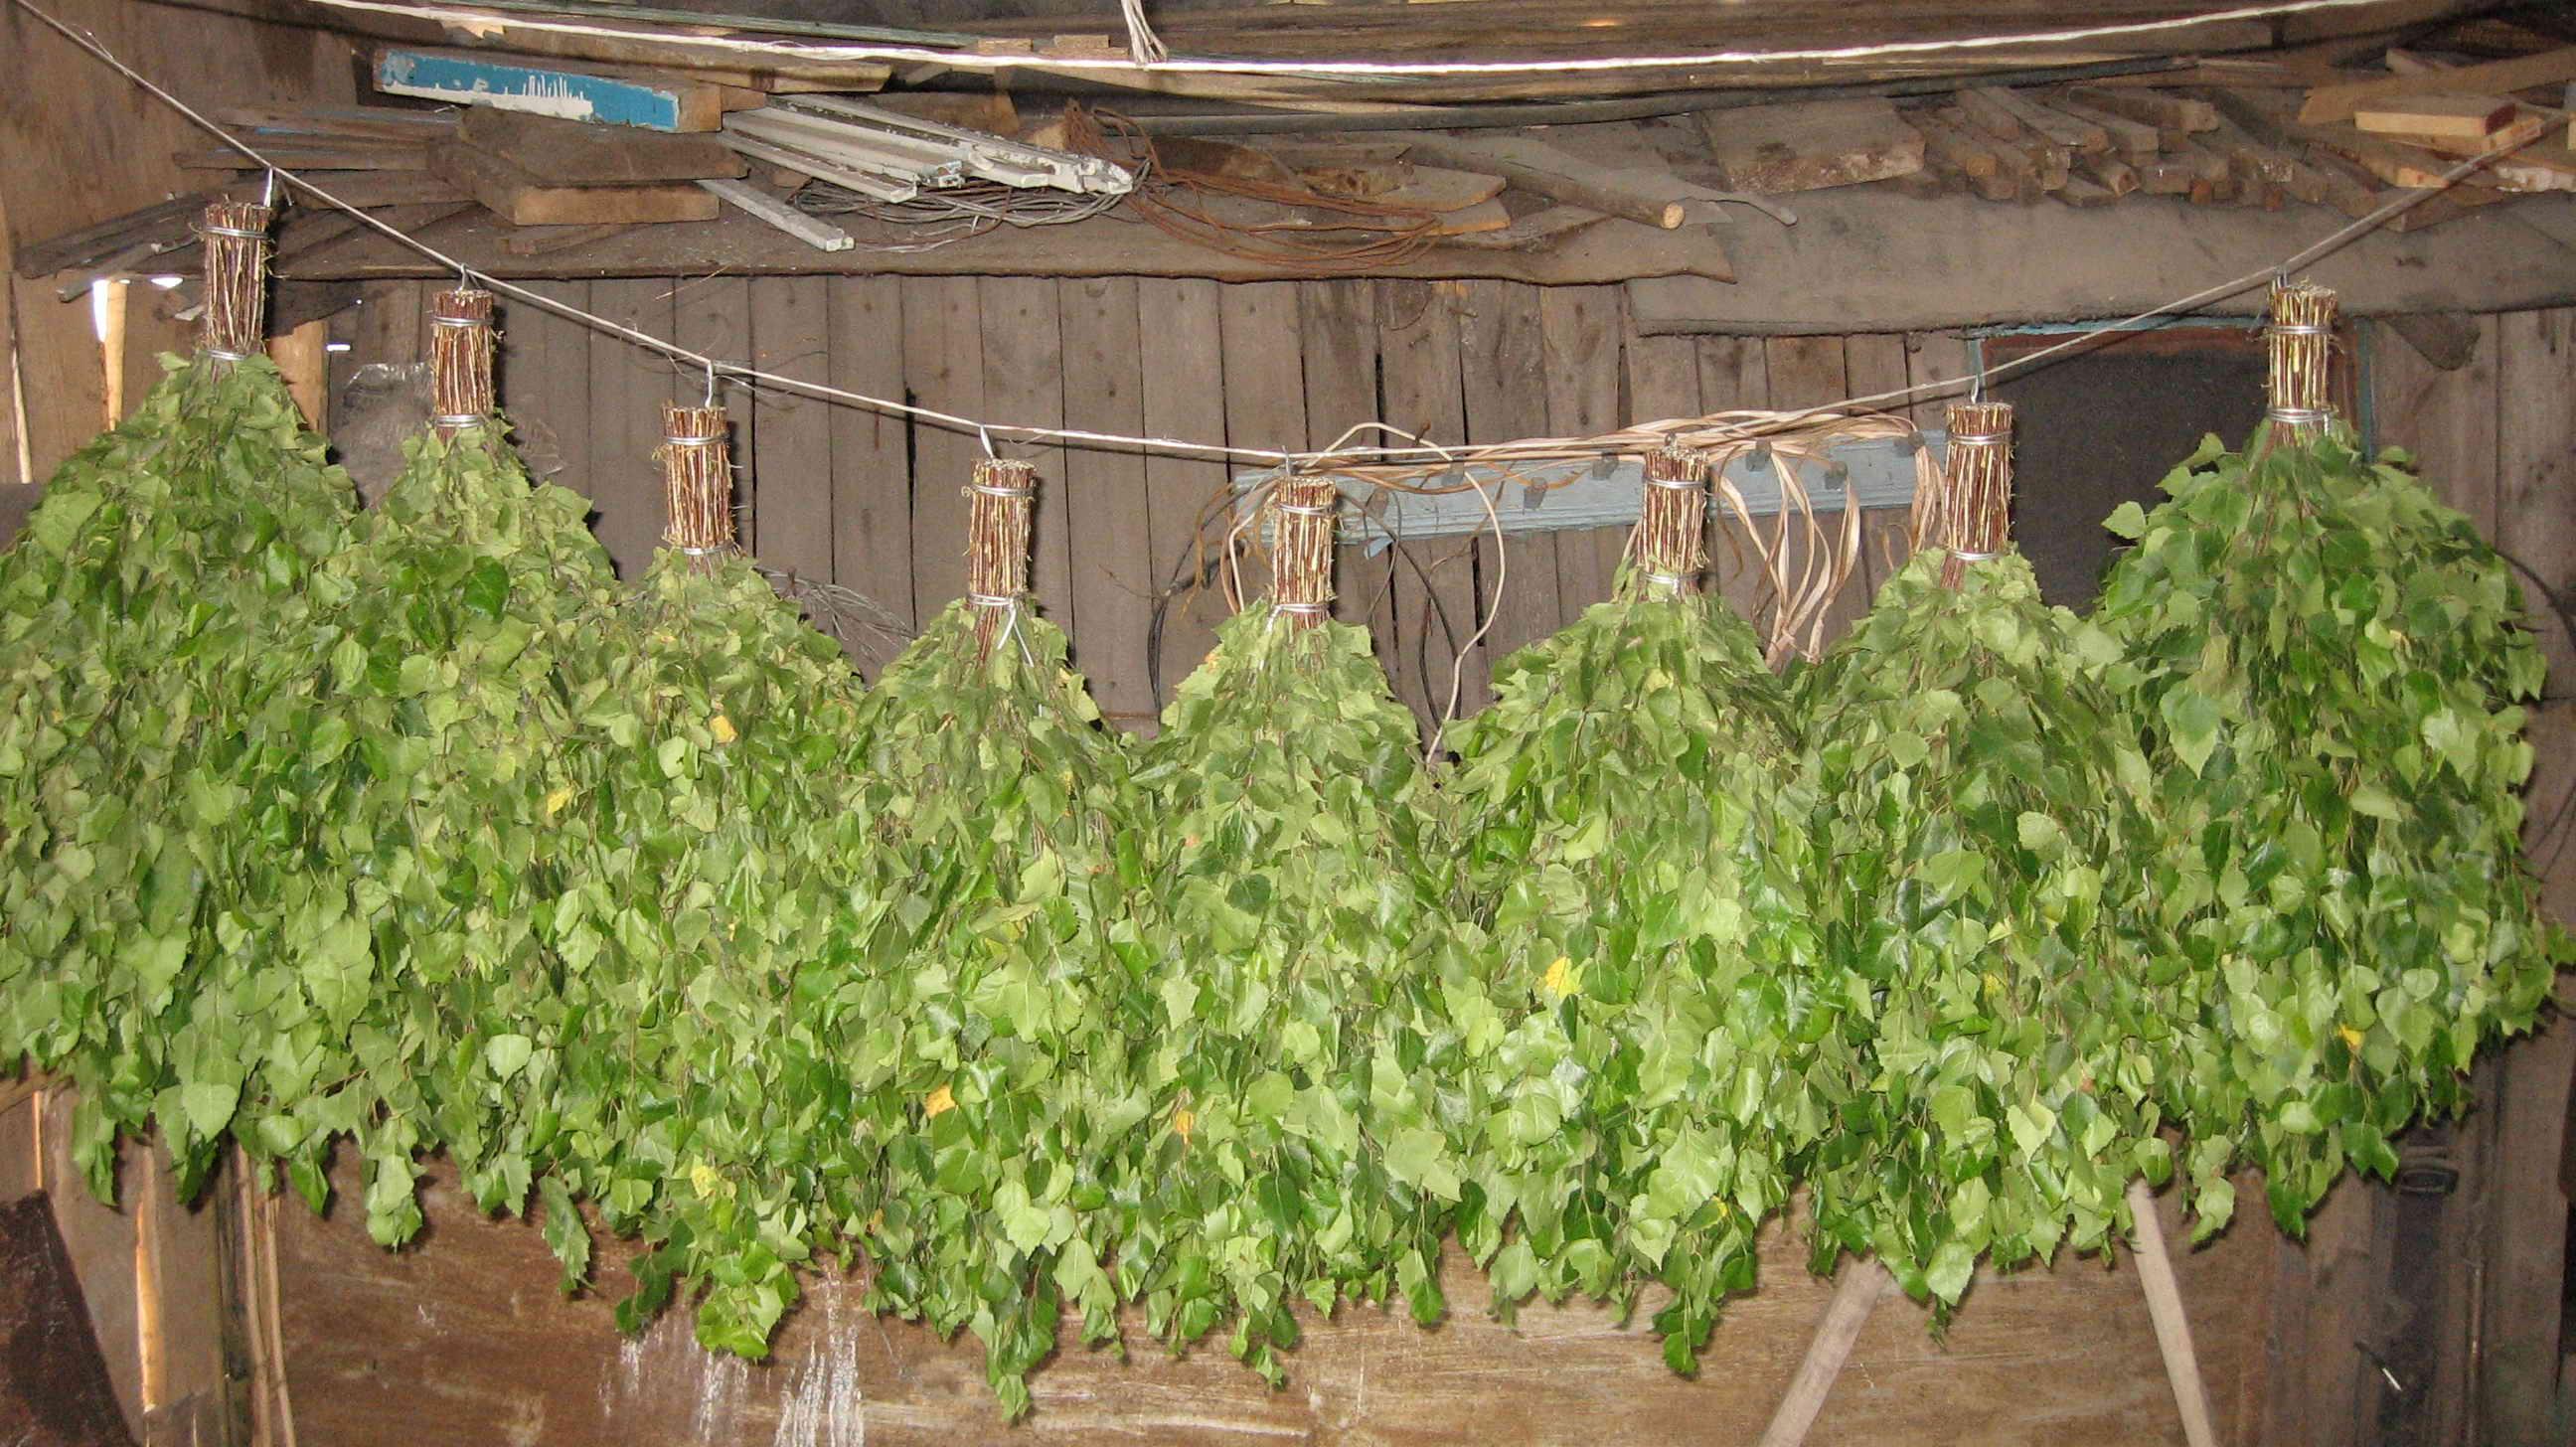 Березовые веники (15 фото): лучше ли они дубовых? польза и вред веников для бани. свойства листьев берез. как хранить веники?